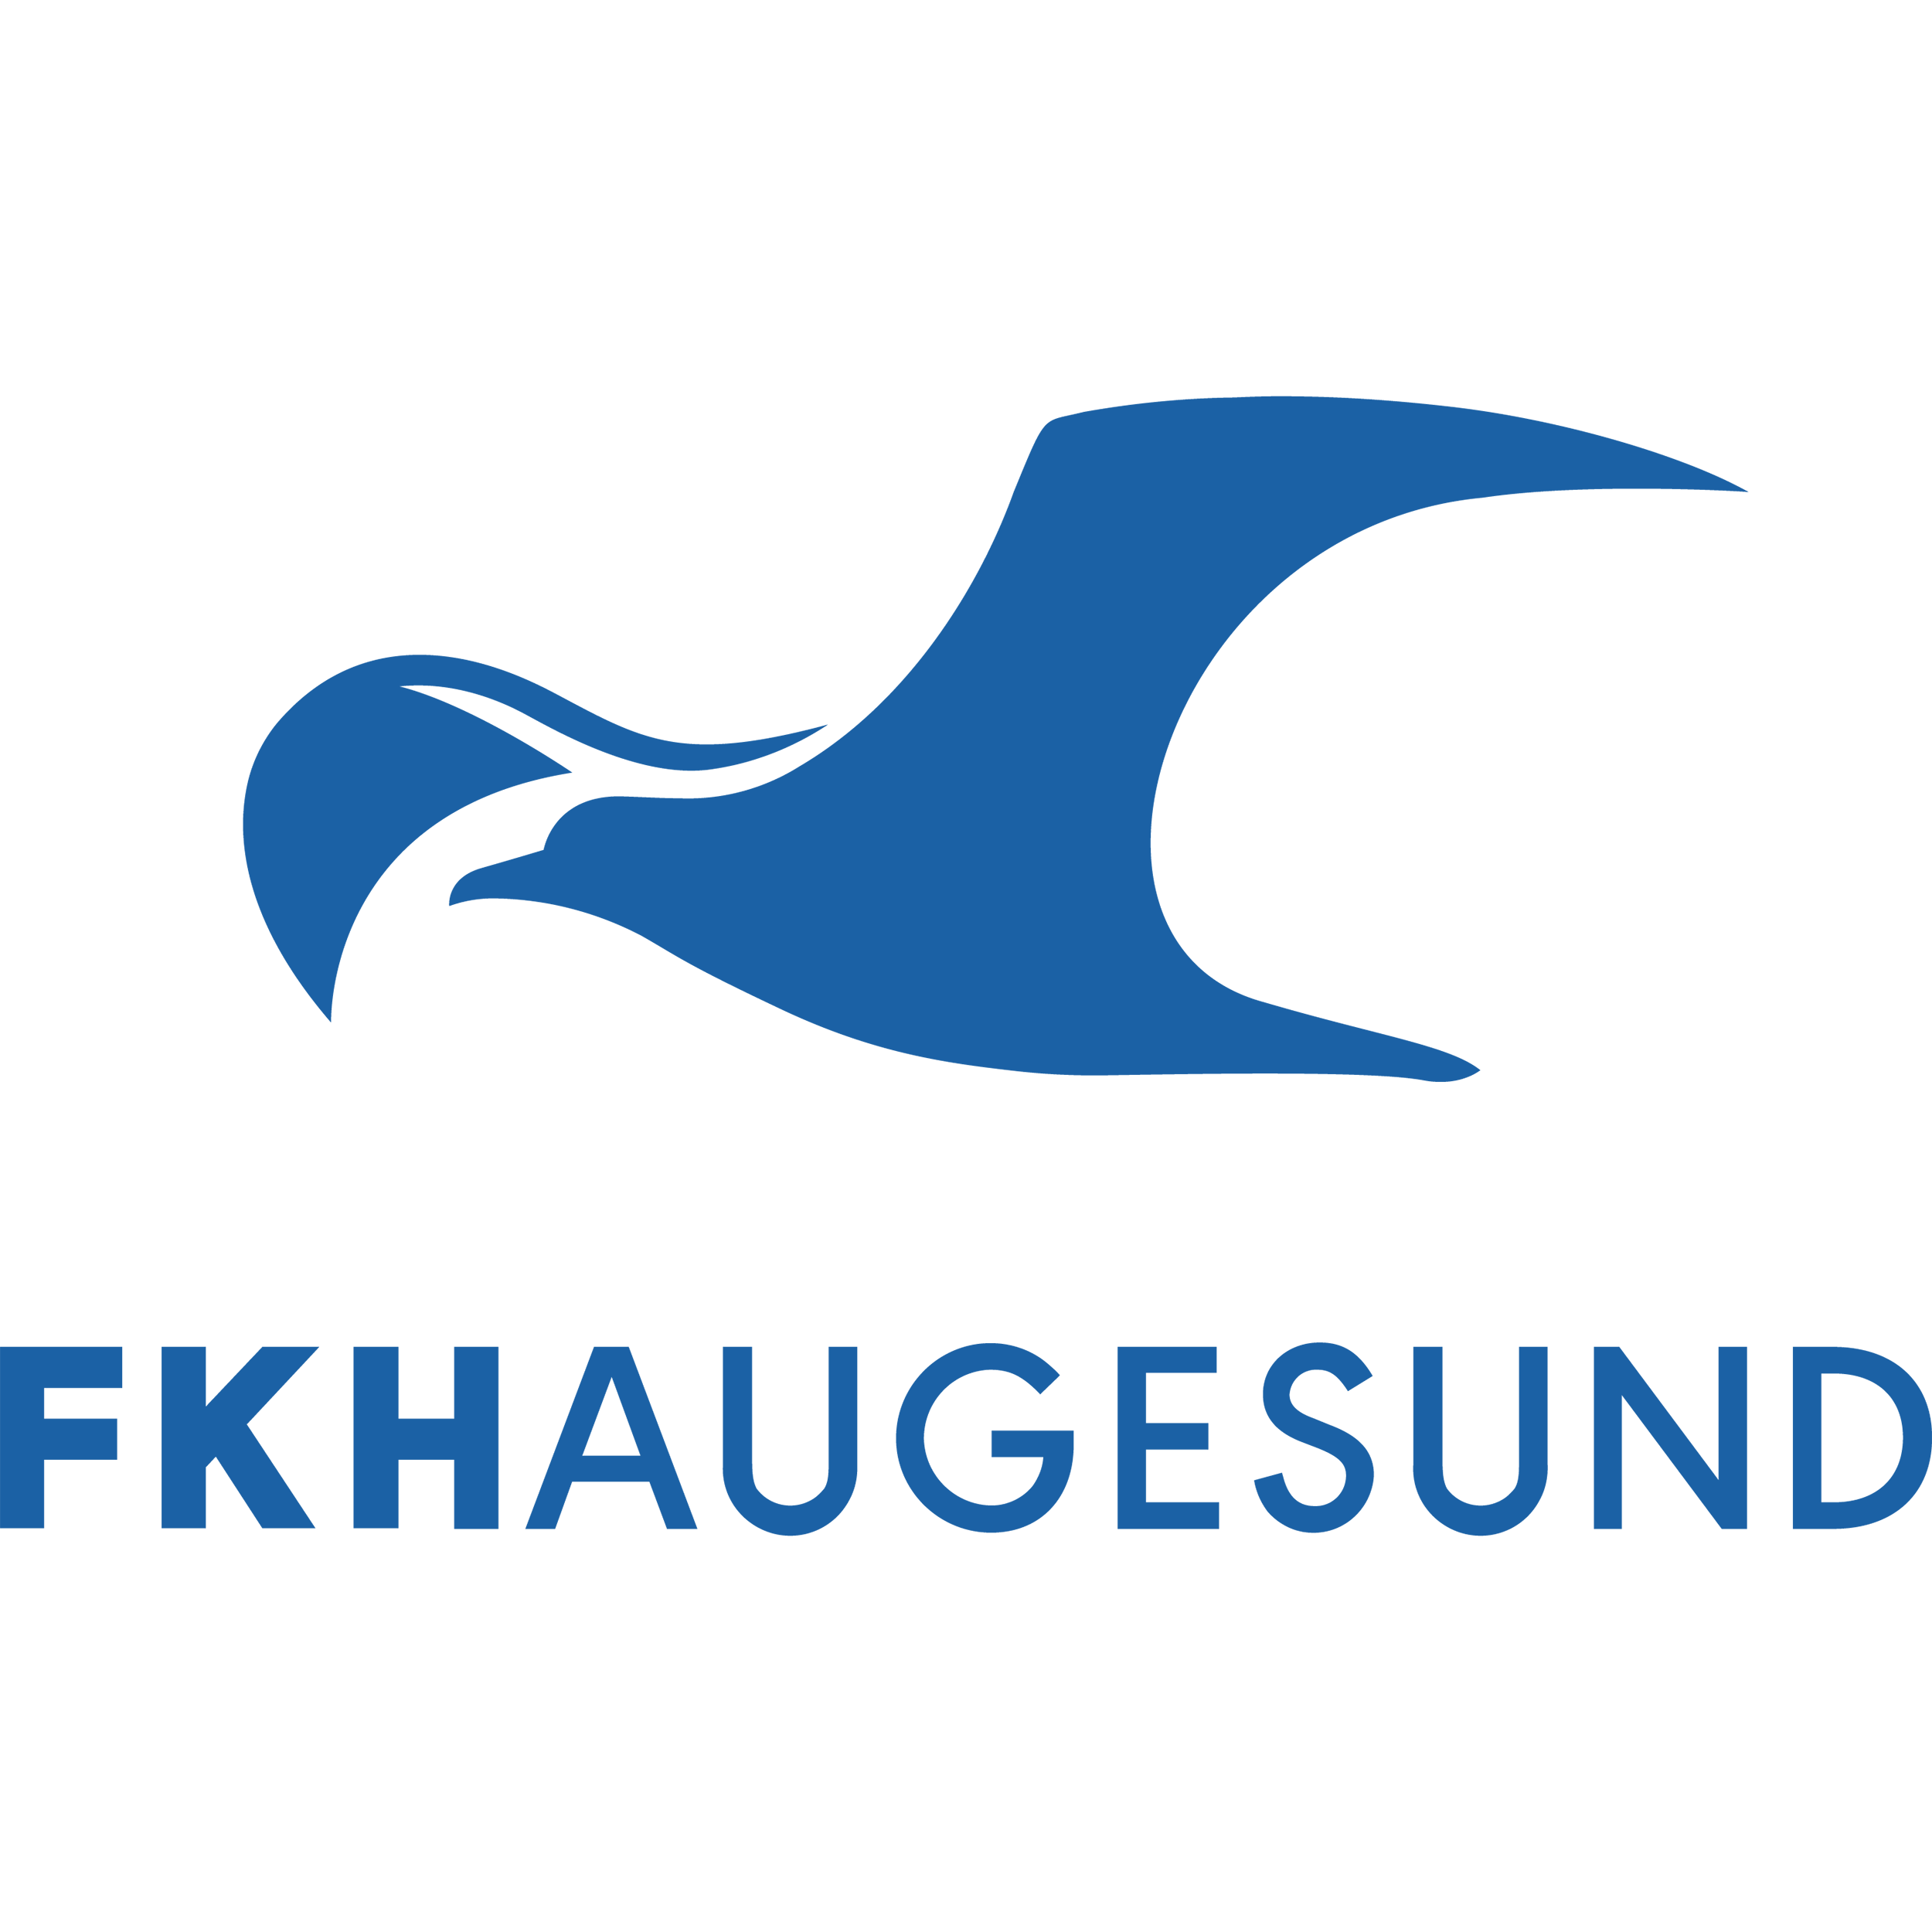 Places Haugesund